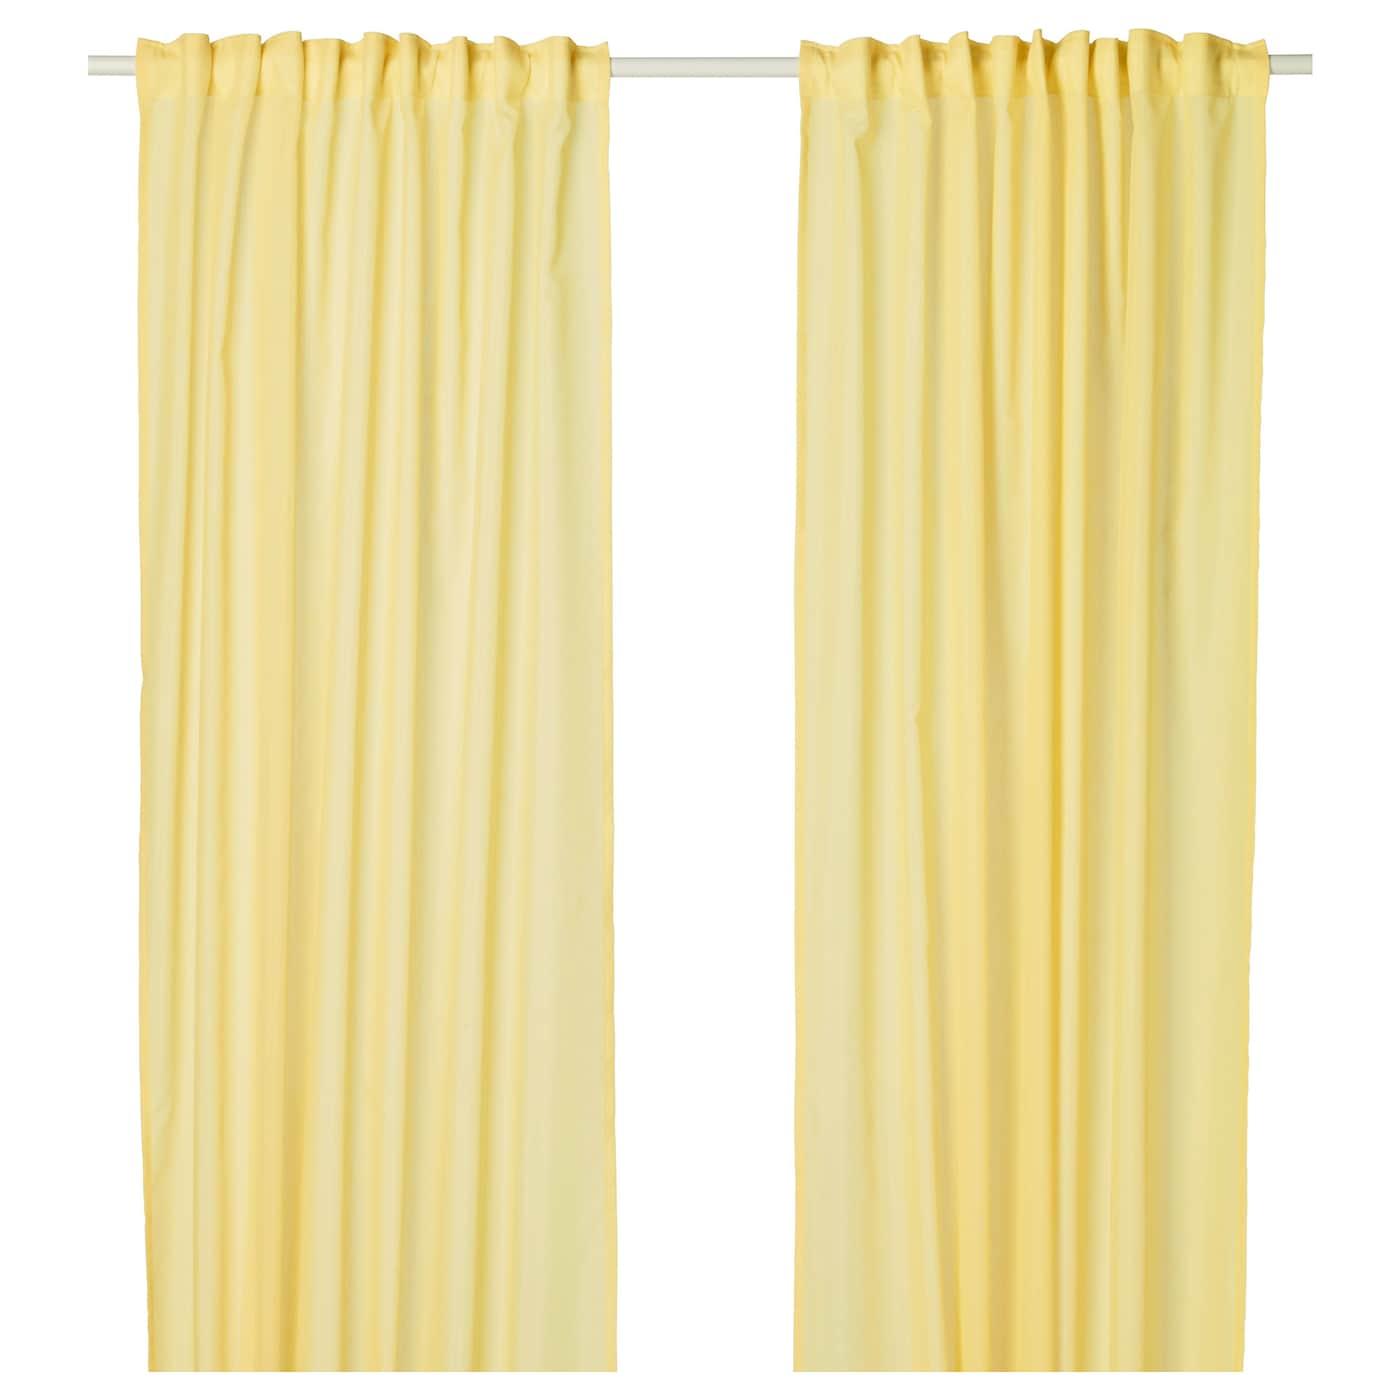 vivan rideaux 1 paire jaune 145x300 cm ikea. Black Bedroom Furniture Sets. Home Design Ideas